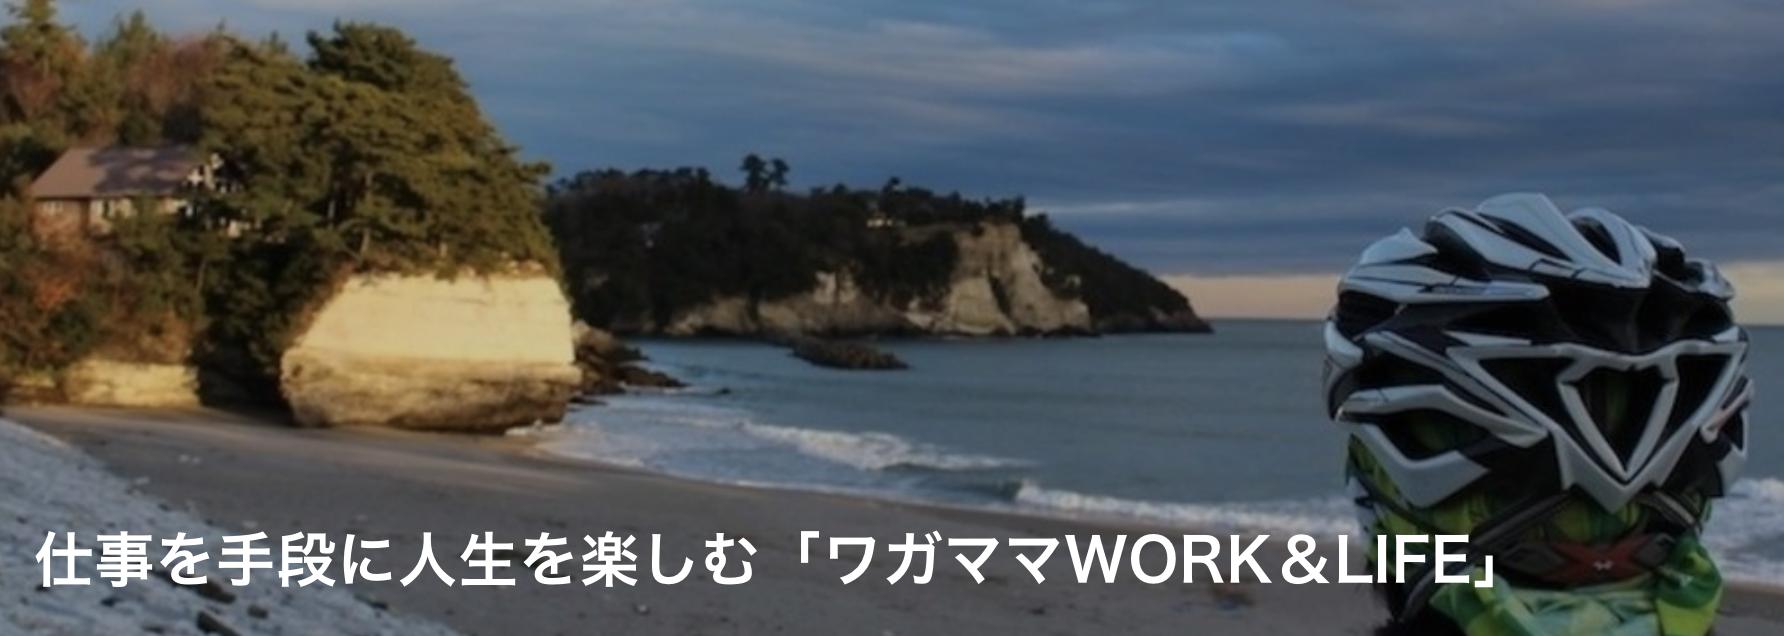 仕事を手段に人生を楽しむ「ワガママWORK&LIFE」